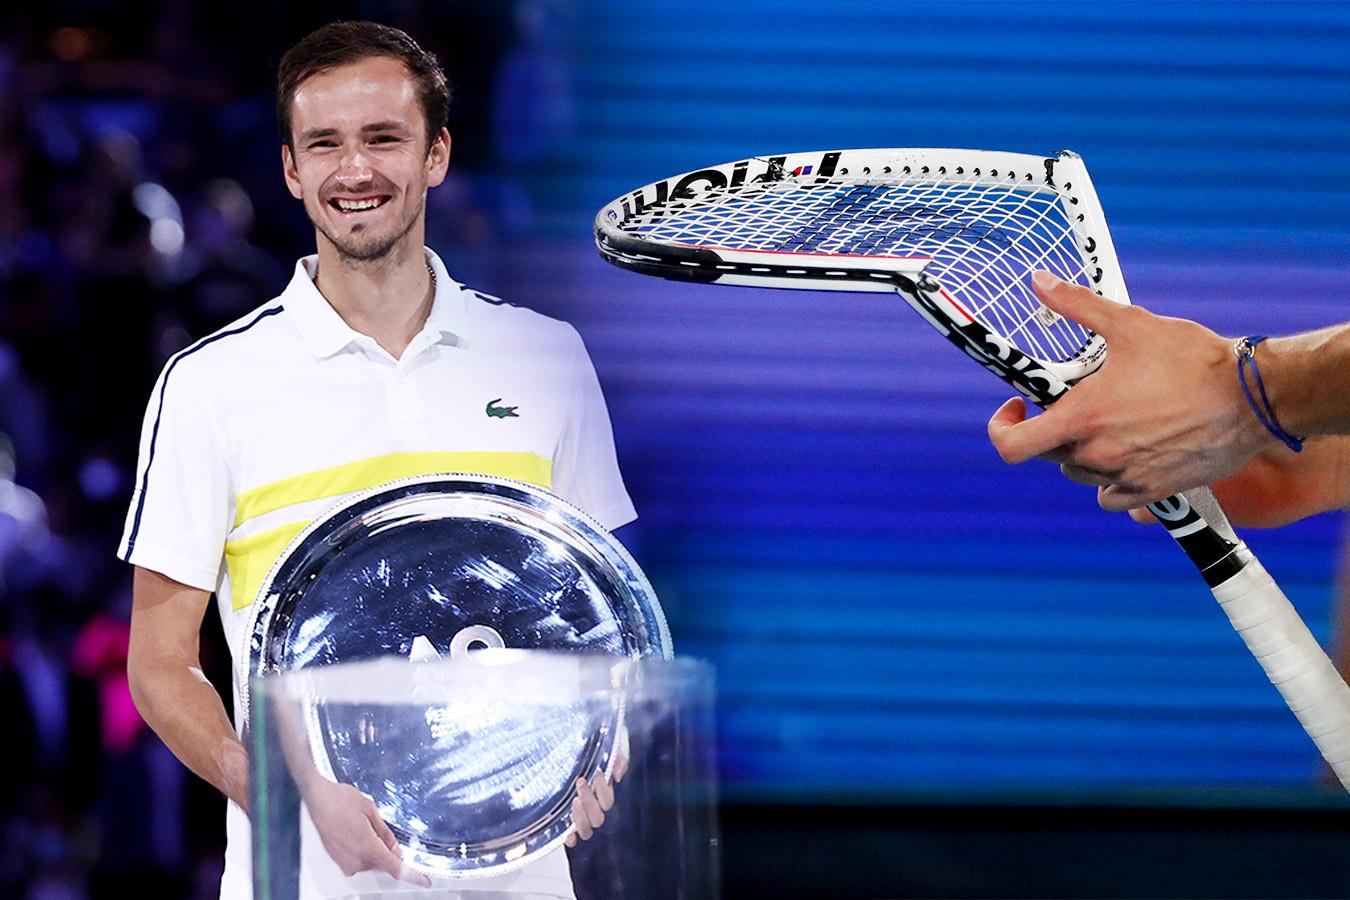 Джокович смешил Медведева, Даниил сломал ракетку на эмоциях. Фото финала Australian Open